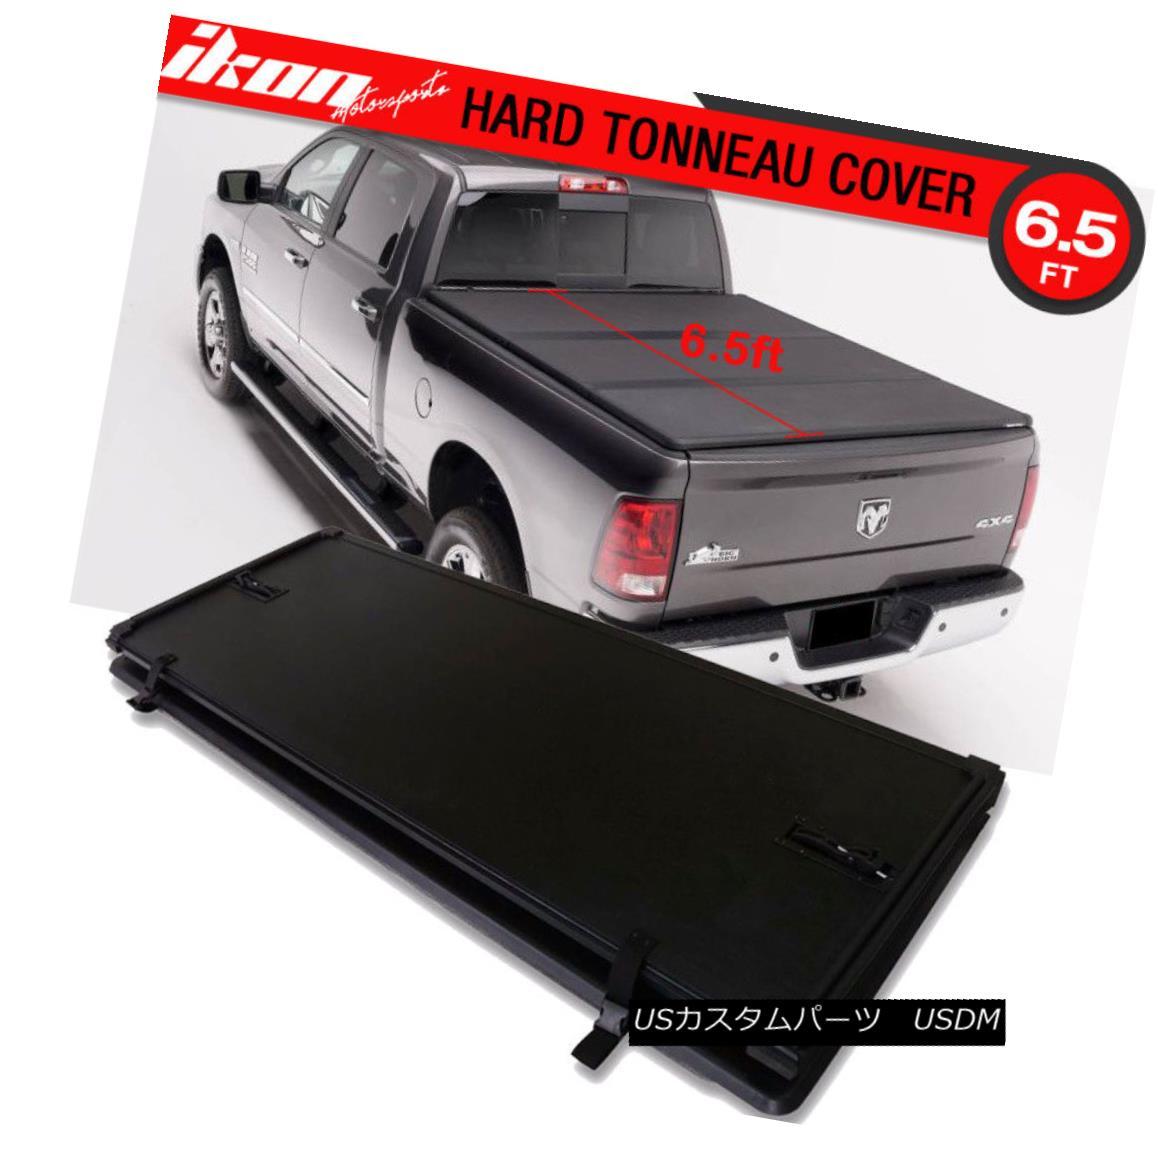 エアロパーツ For 02-08 Dodge Ram1500 6.5ft Bed Lock Tri-Fold Hard Solid Tonneau Cover 02-08 Dodge Ram1500 6.5ftベッドロックトライフォールドハードソリッドトノーカバー